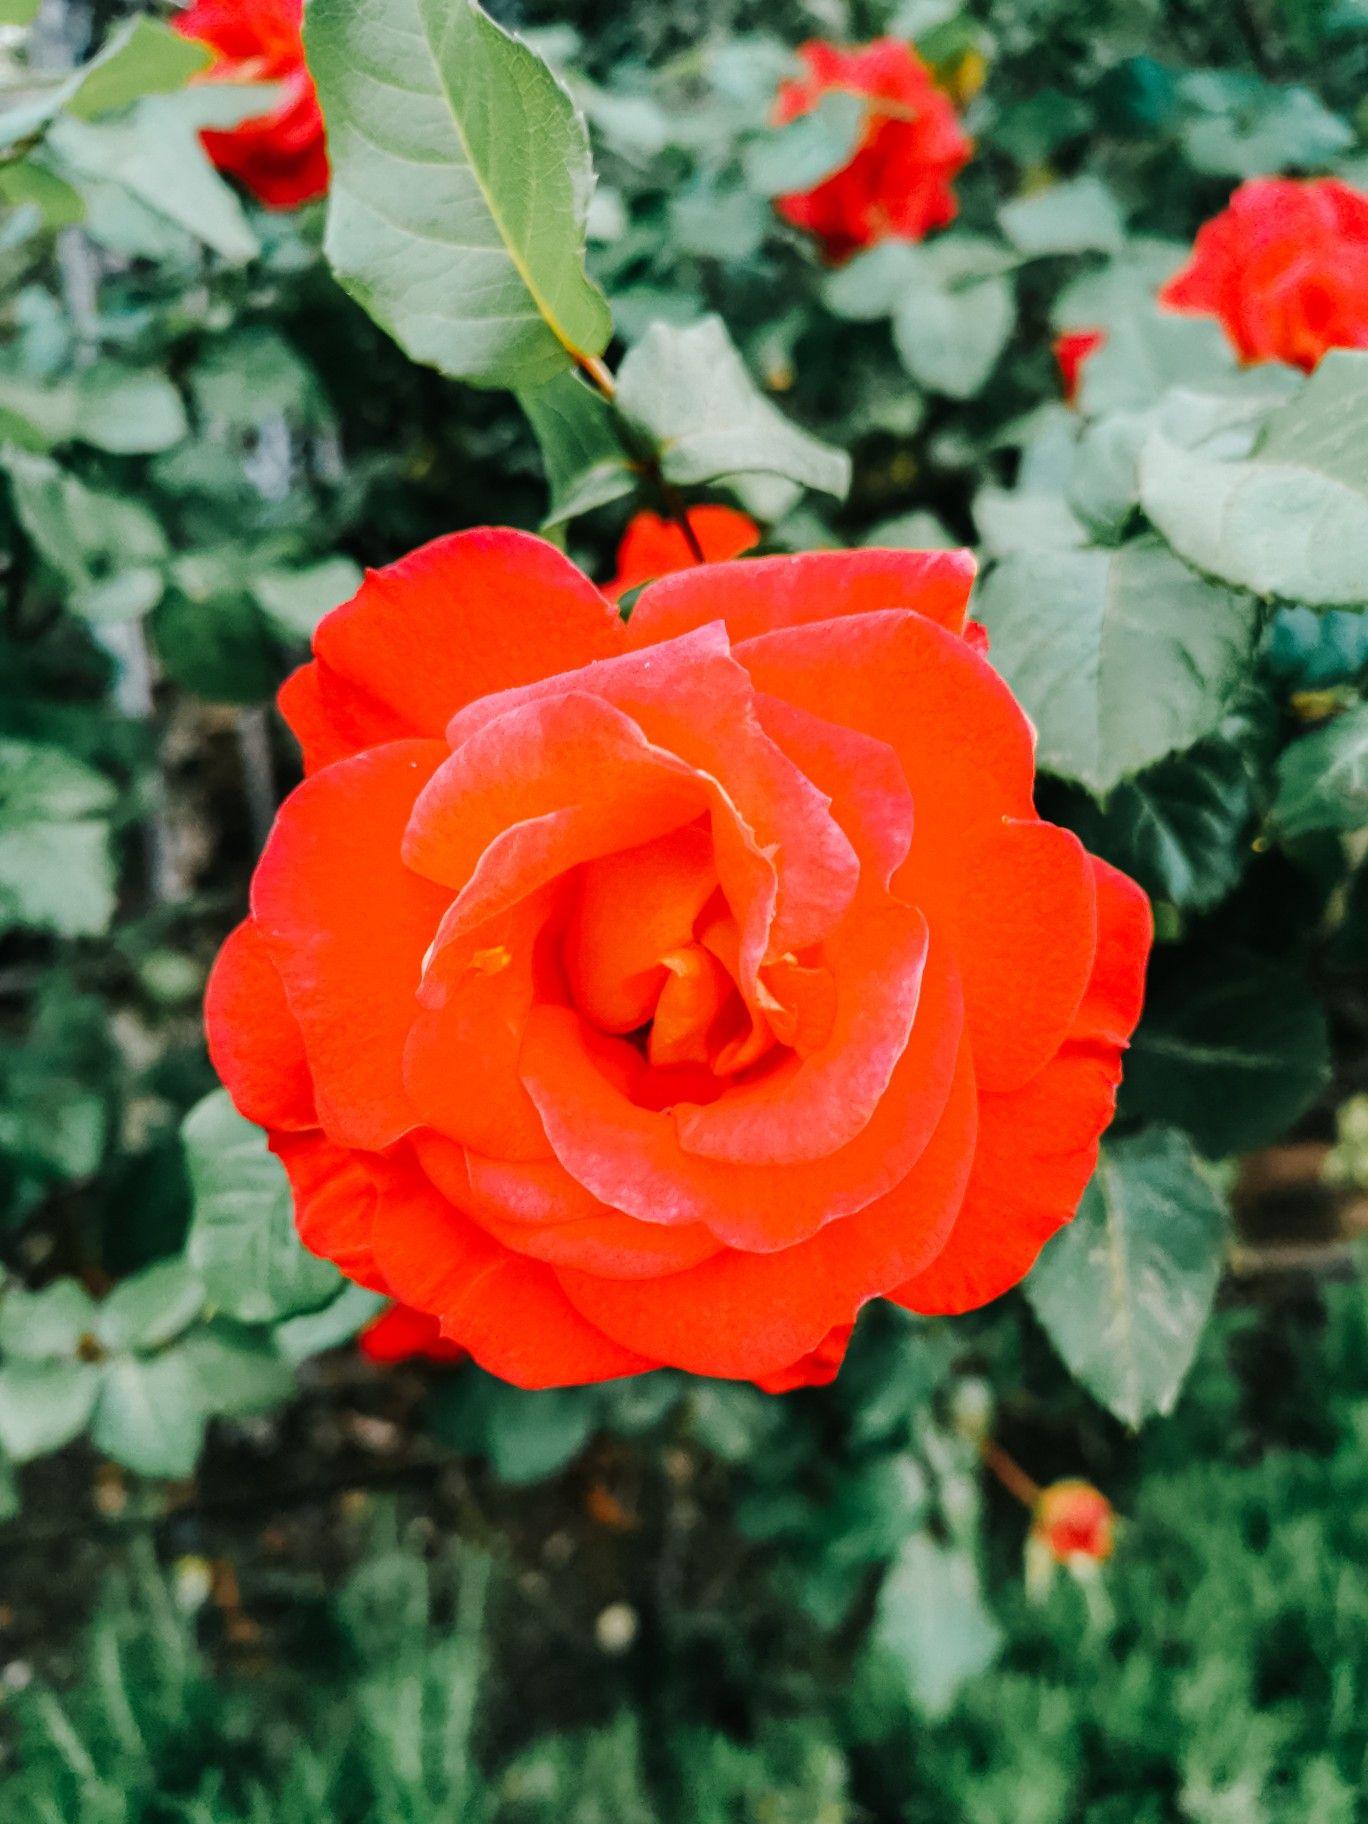 Цветок розы красный цвет красивые фотографии обои на ...  Обои на Телефон Цветы